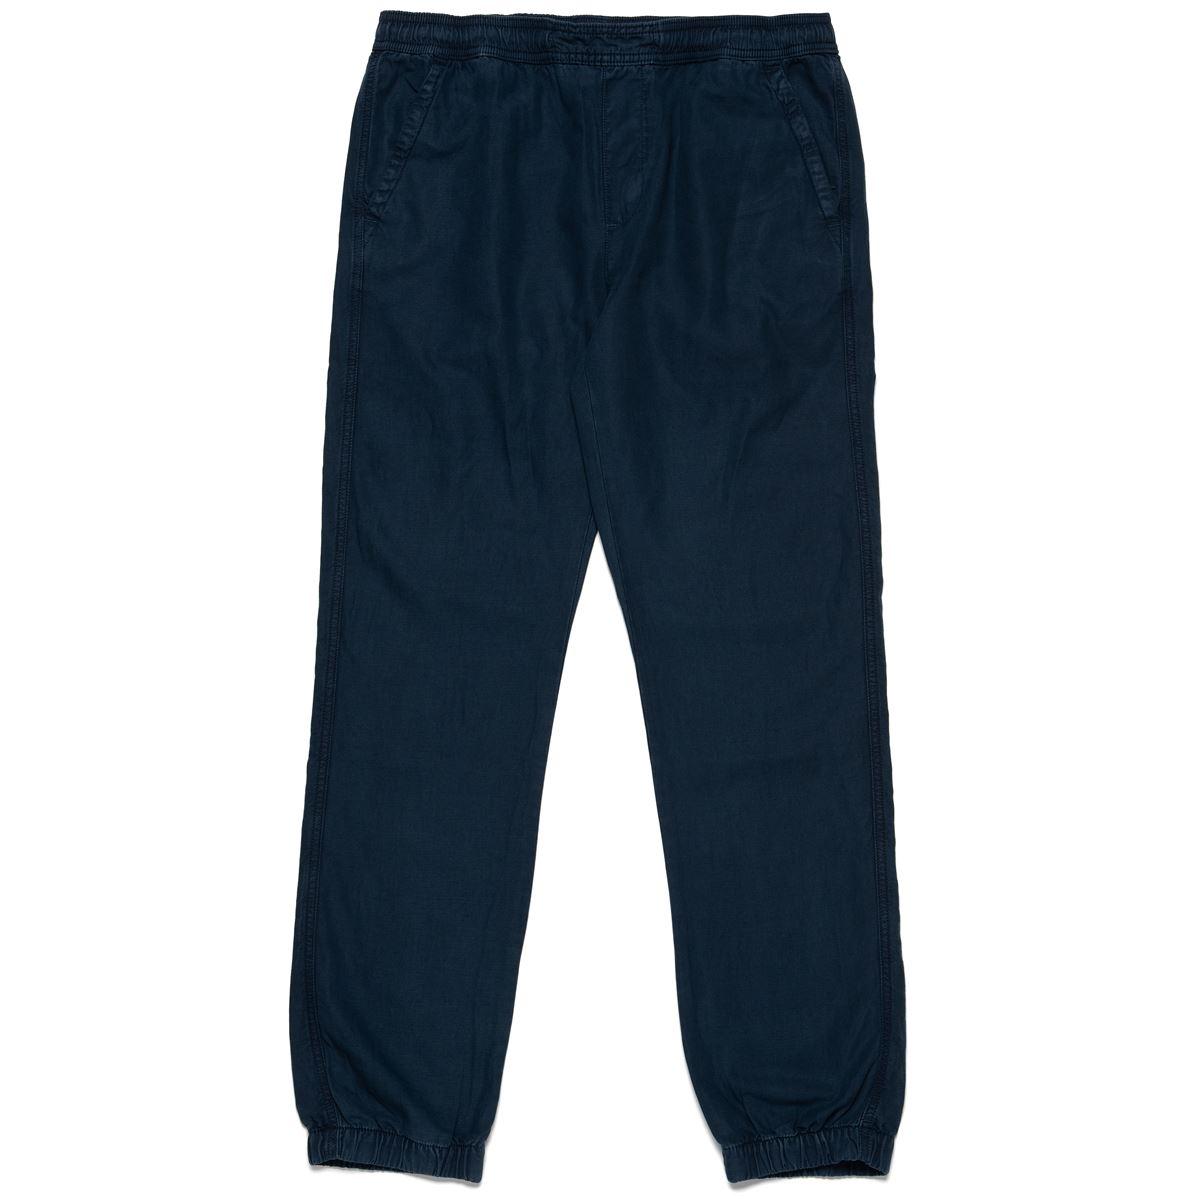 Robe di Kappa Pantaloni uomo-62118IW